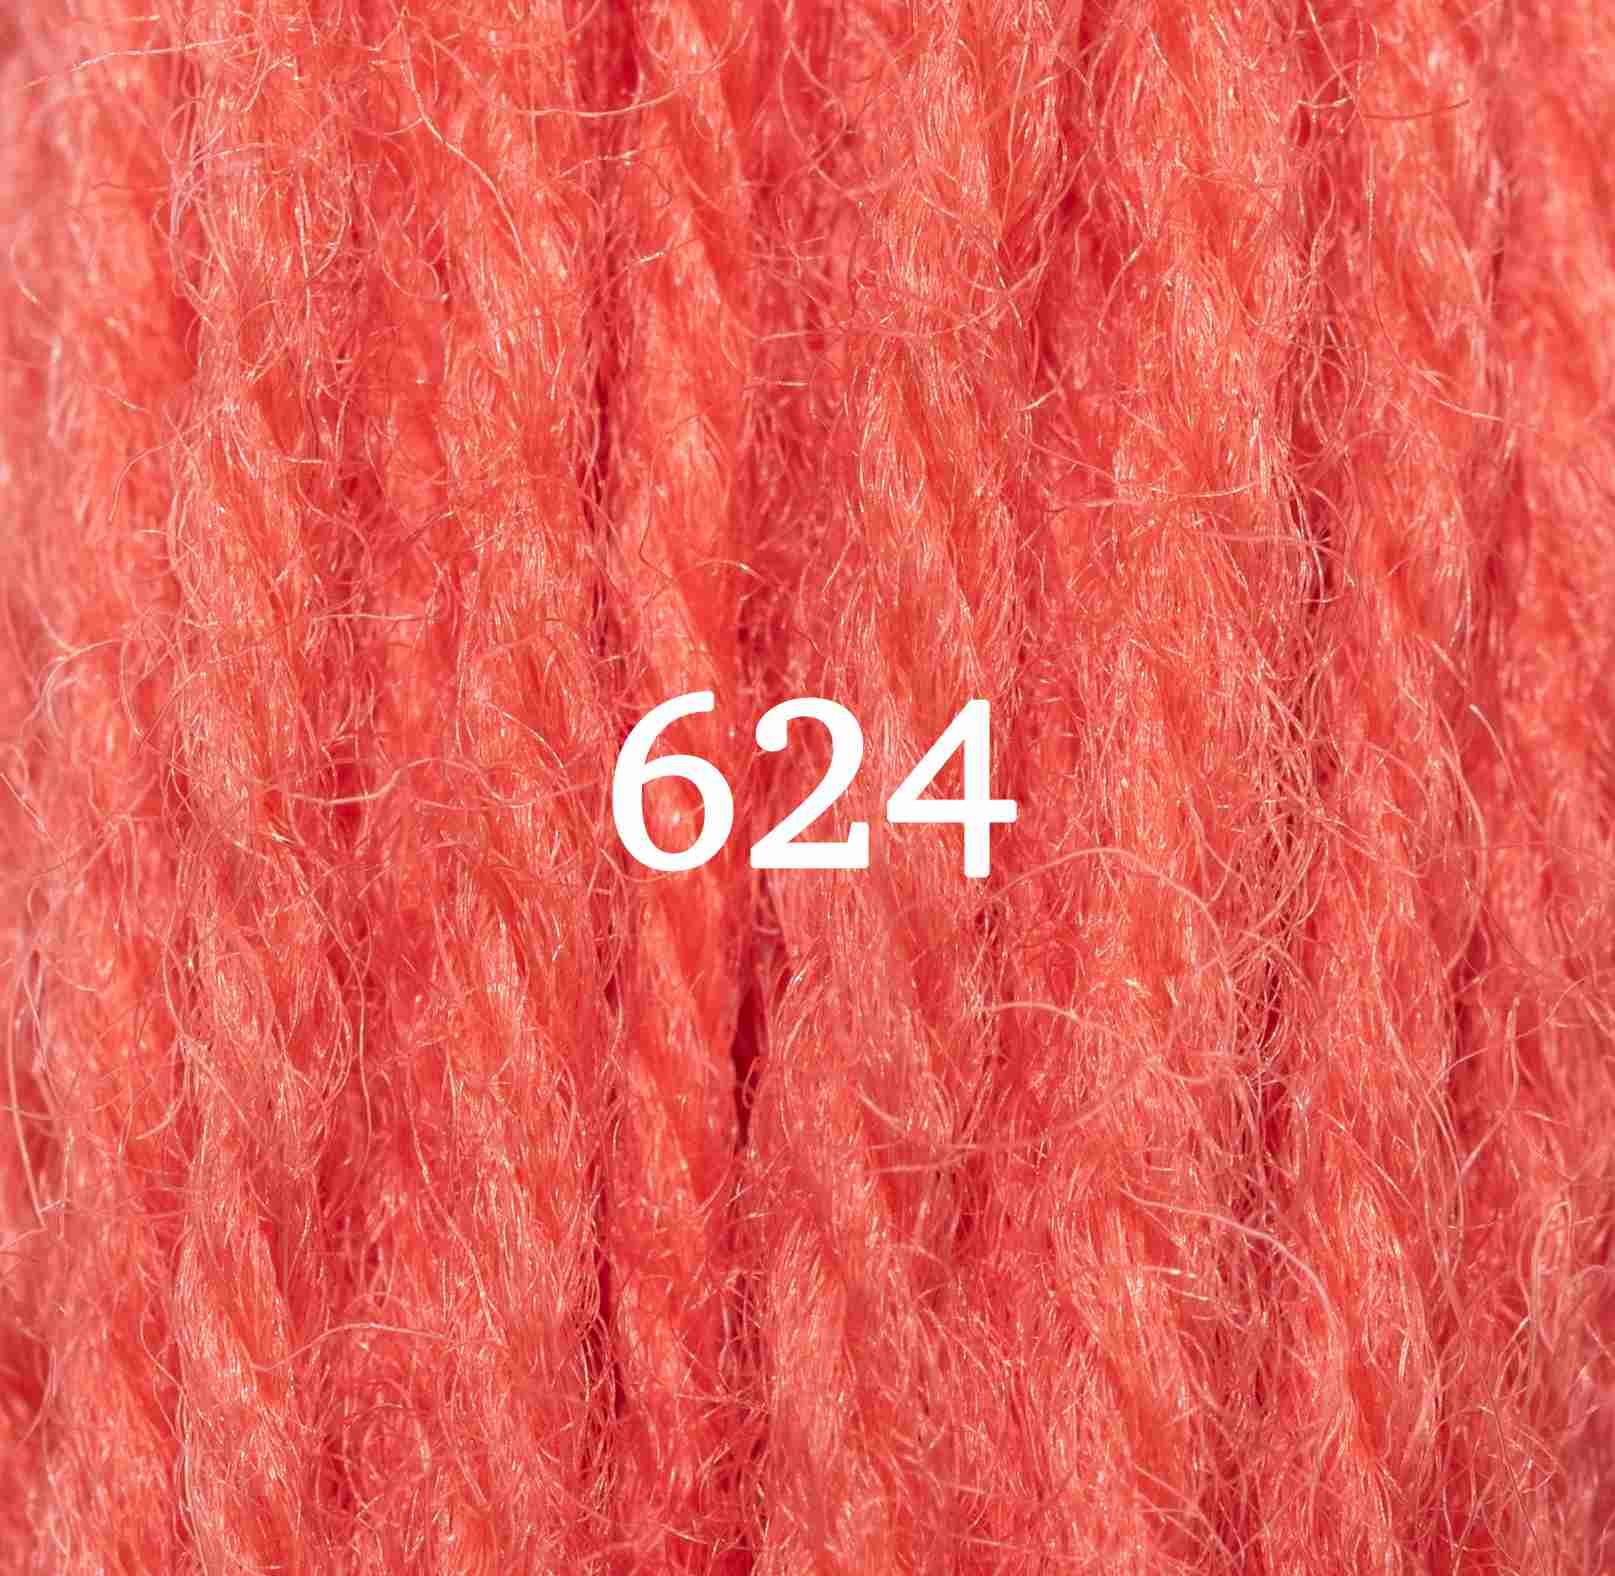 Flamingo-624-discontinued-use-623